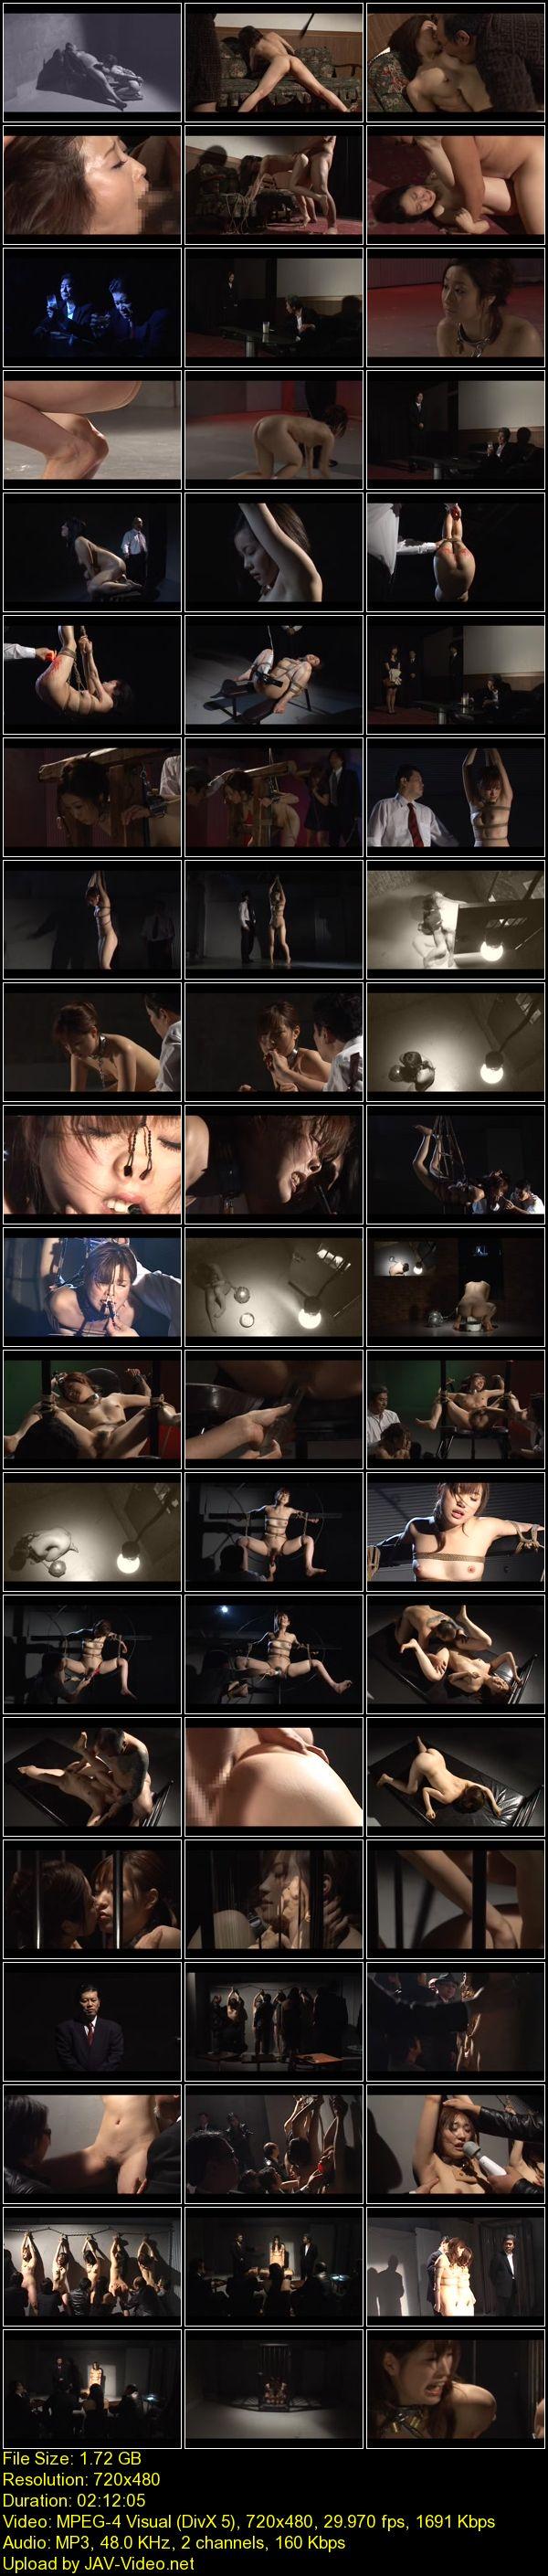 JAV Download Yuu Kawakami (Shizuku Morino), Aki Yoshinaga [CMC 001] 奴隷市場の女  2 シネマジック 吉永あき 縛り Torture 2008 04 01